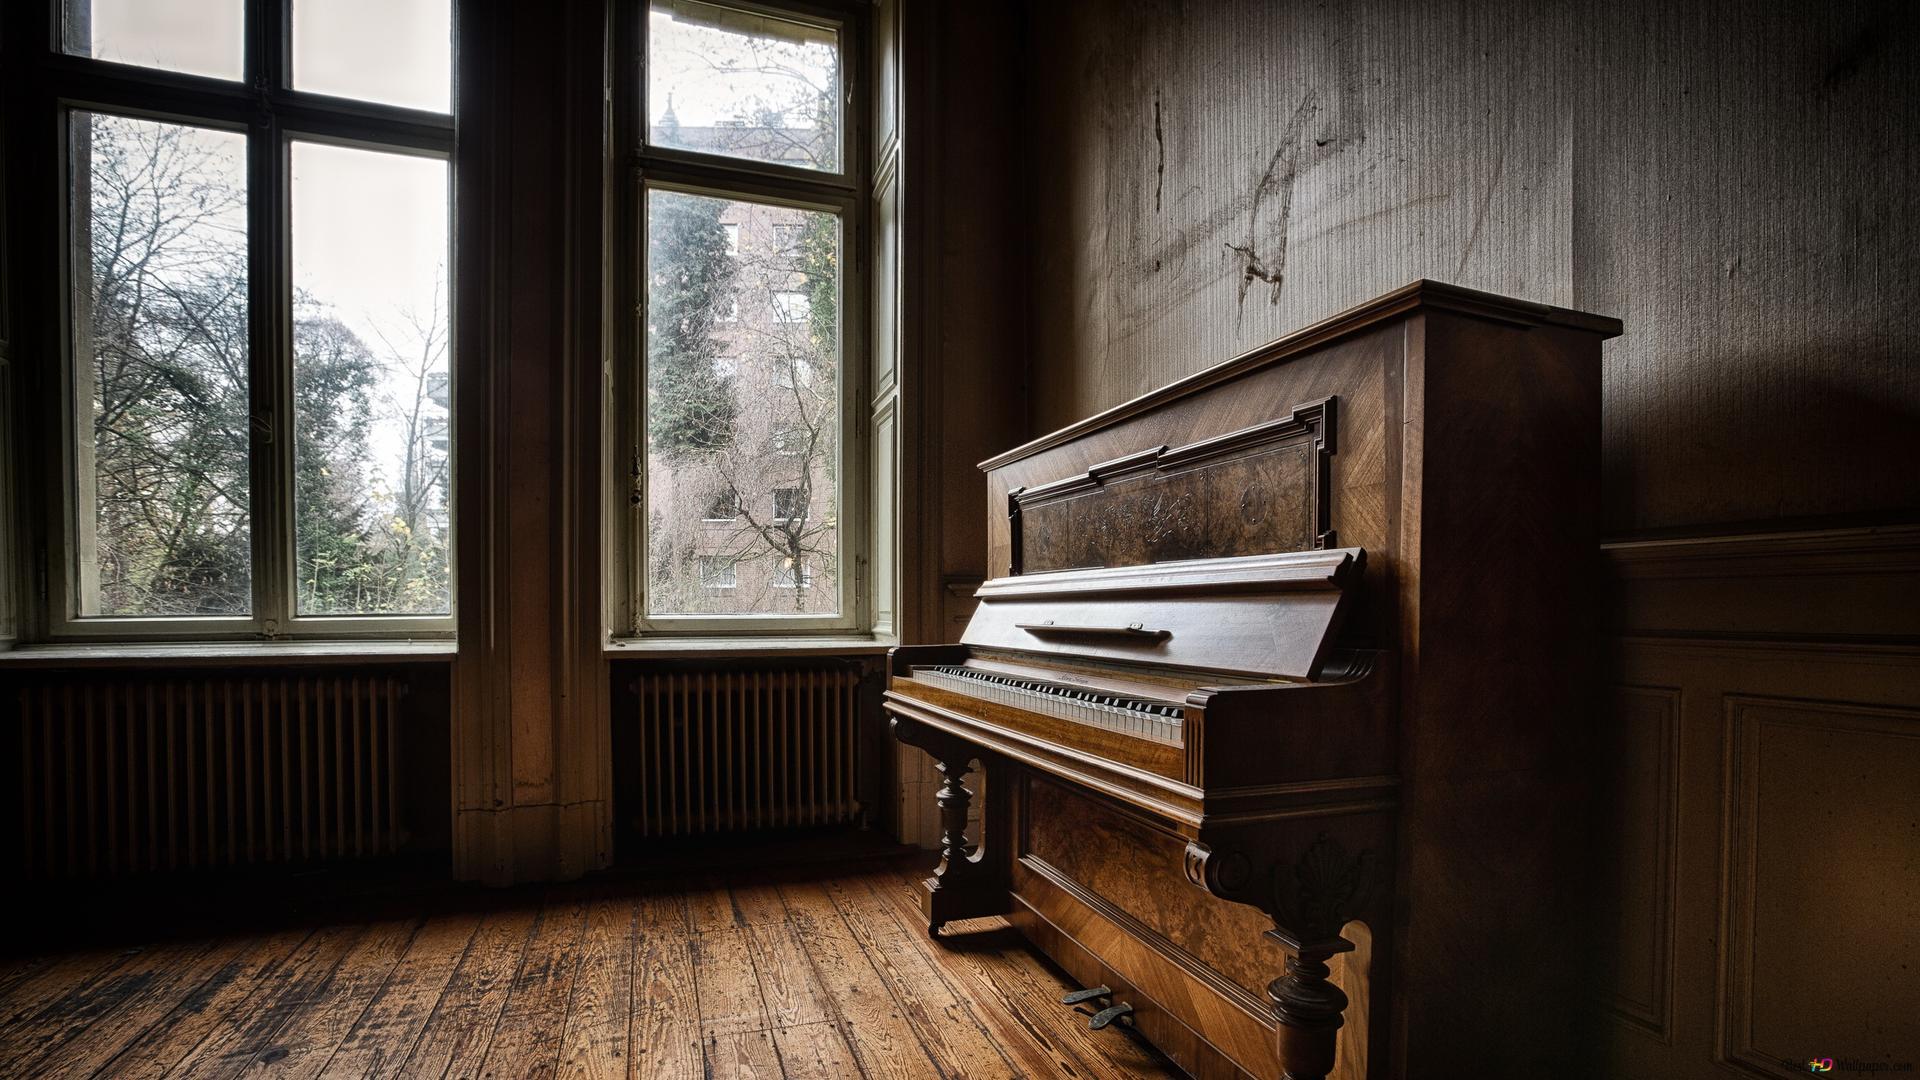 古いピアノの背景 Hd壁紙のダウンロード